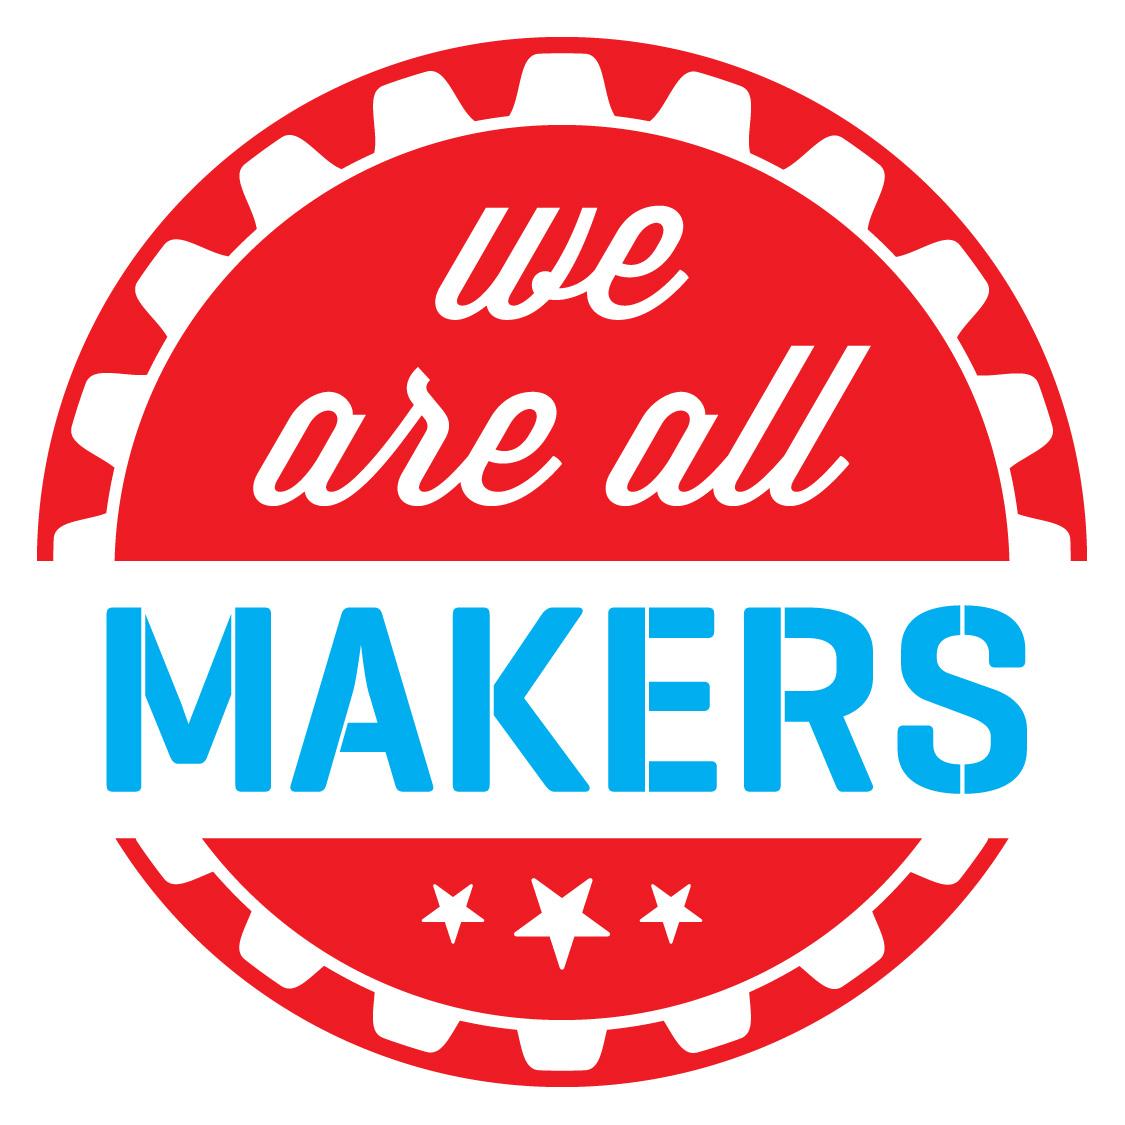 La Comunidad Maker Creatividad Emergente Formizable